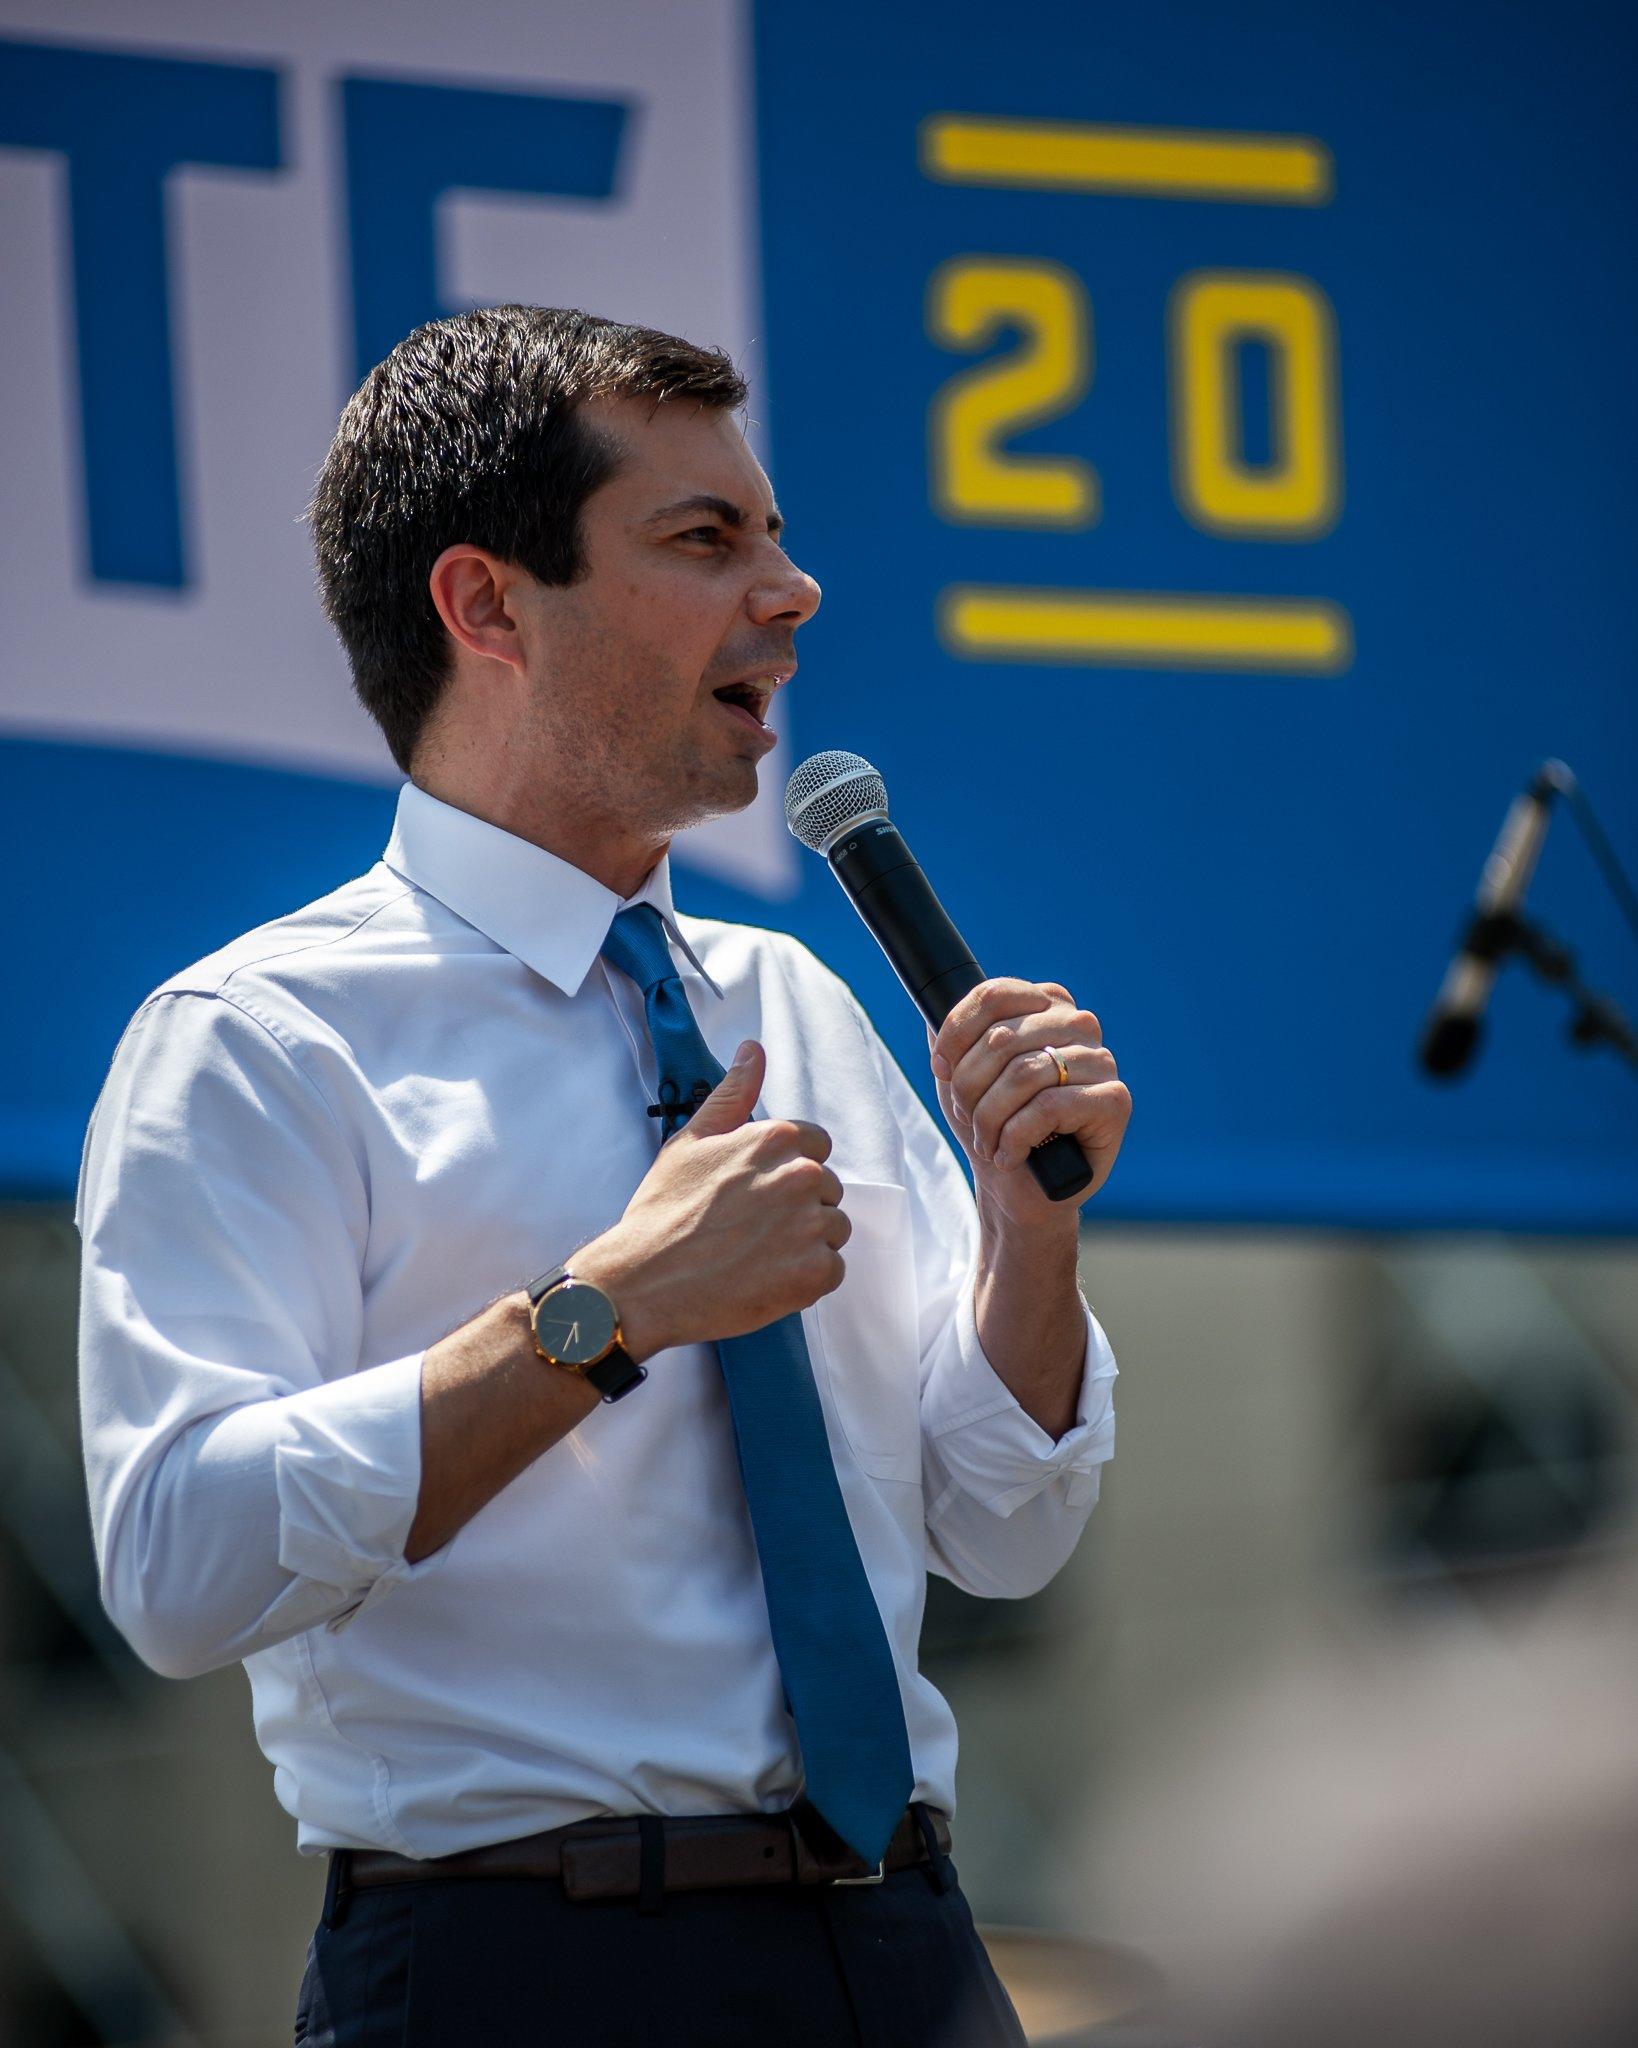 Pete Buttigieg, 2020 presidential candidate, at a campaign event in Cedar Rapids, Iowa